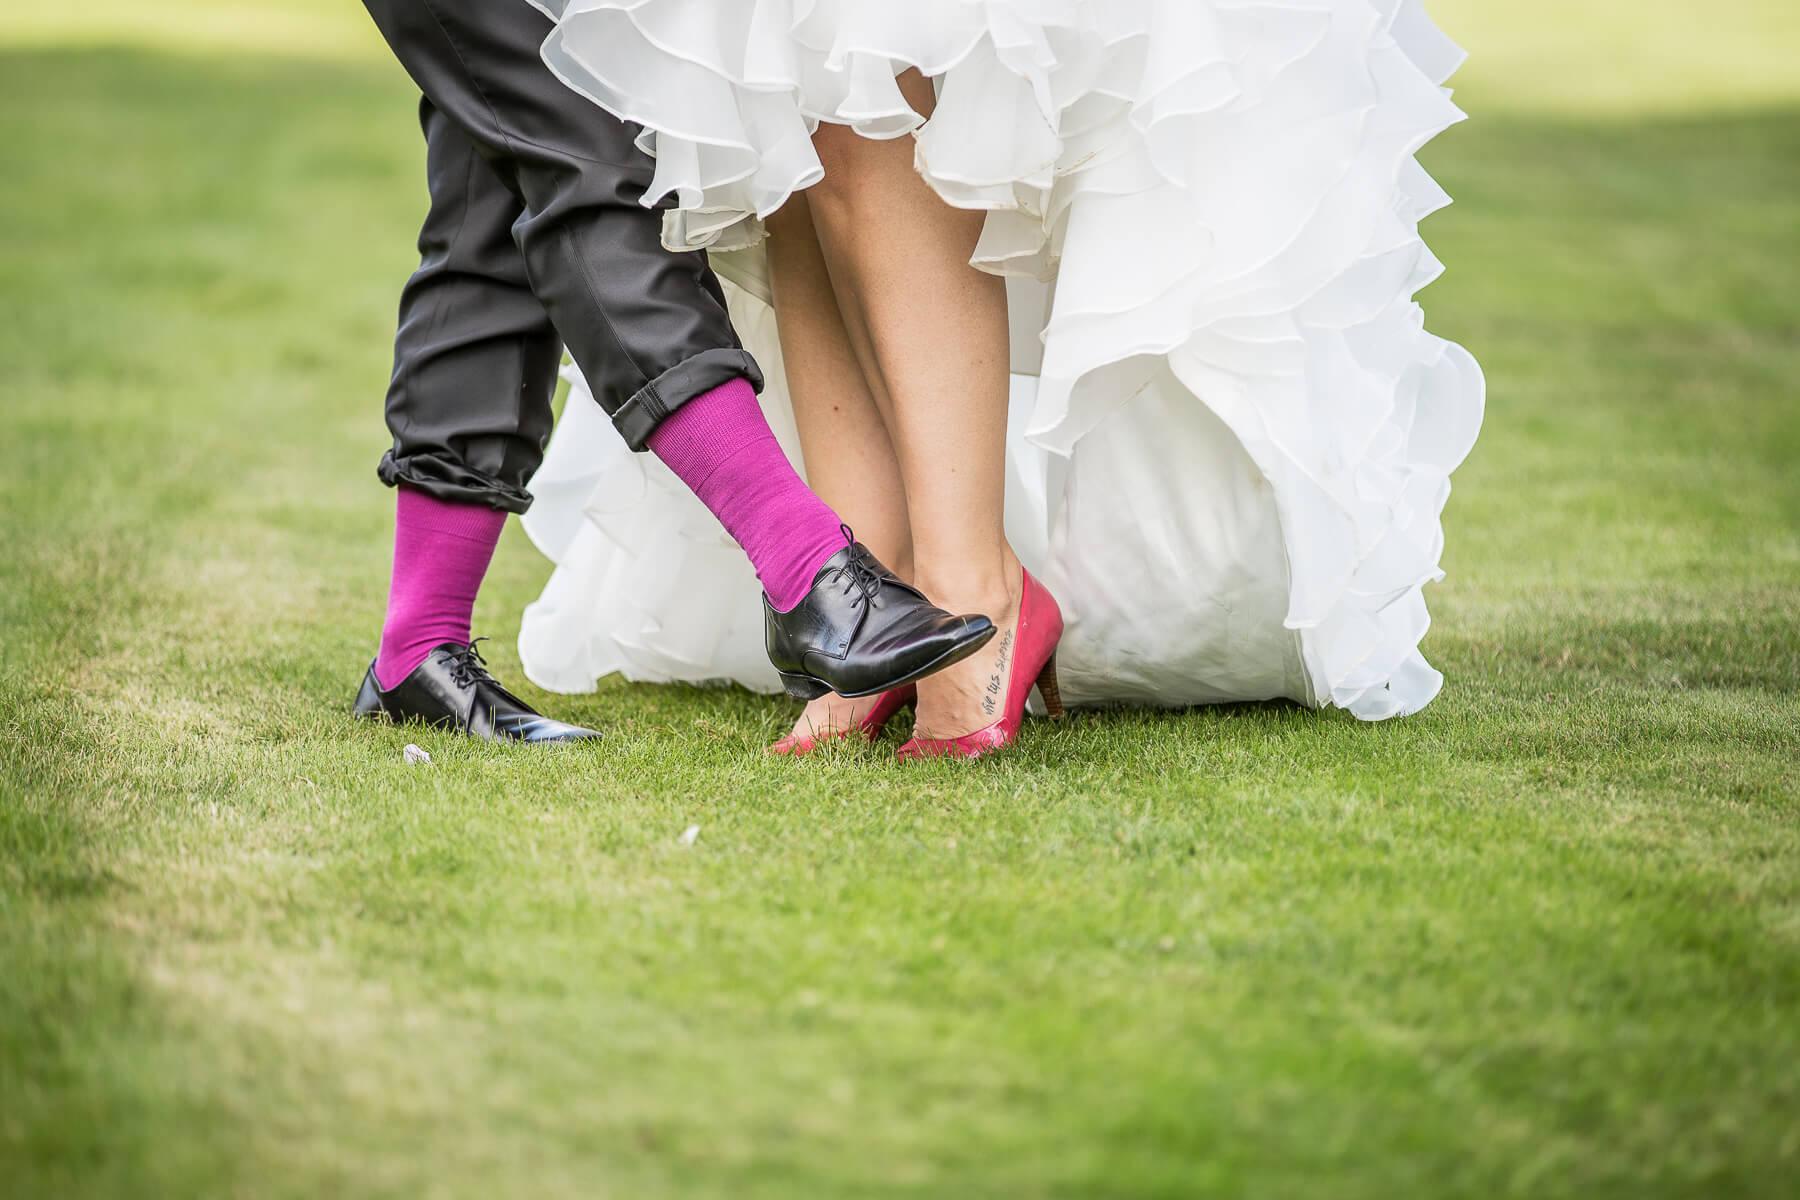 Hochzeitsreportage  Fotograf  Freie Trauung  Golfplatz Hummelbachaue  Neuss 04